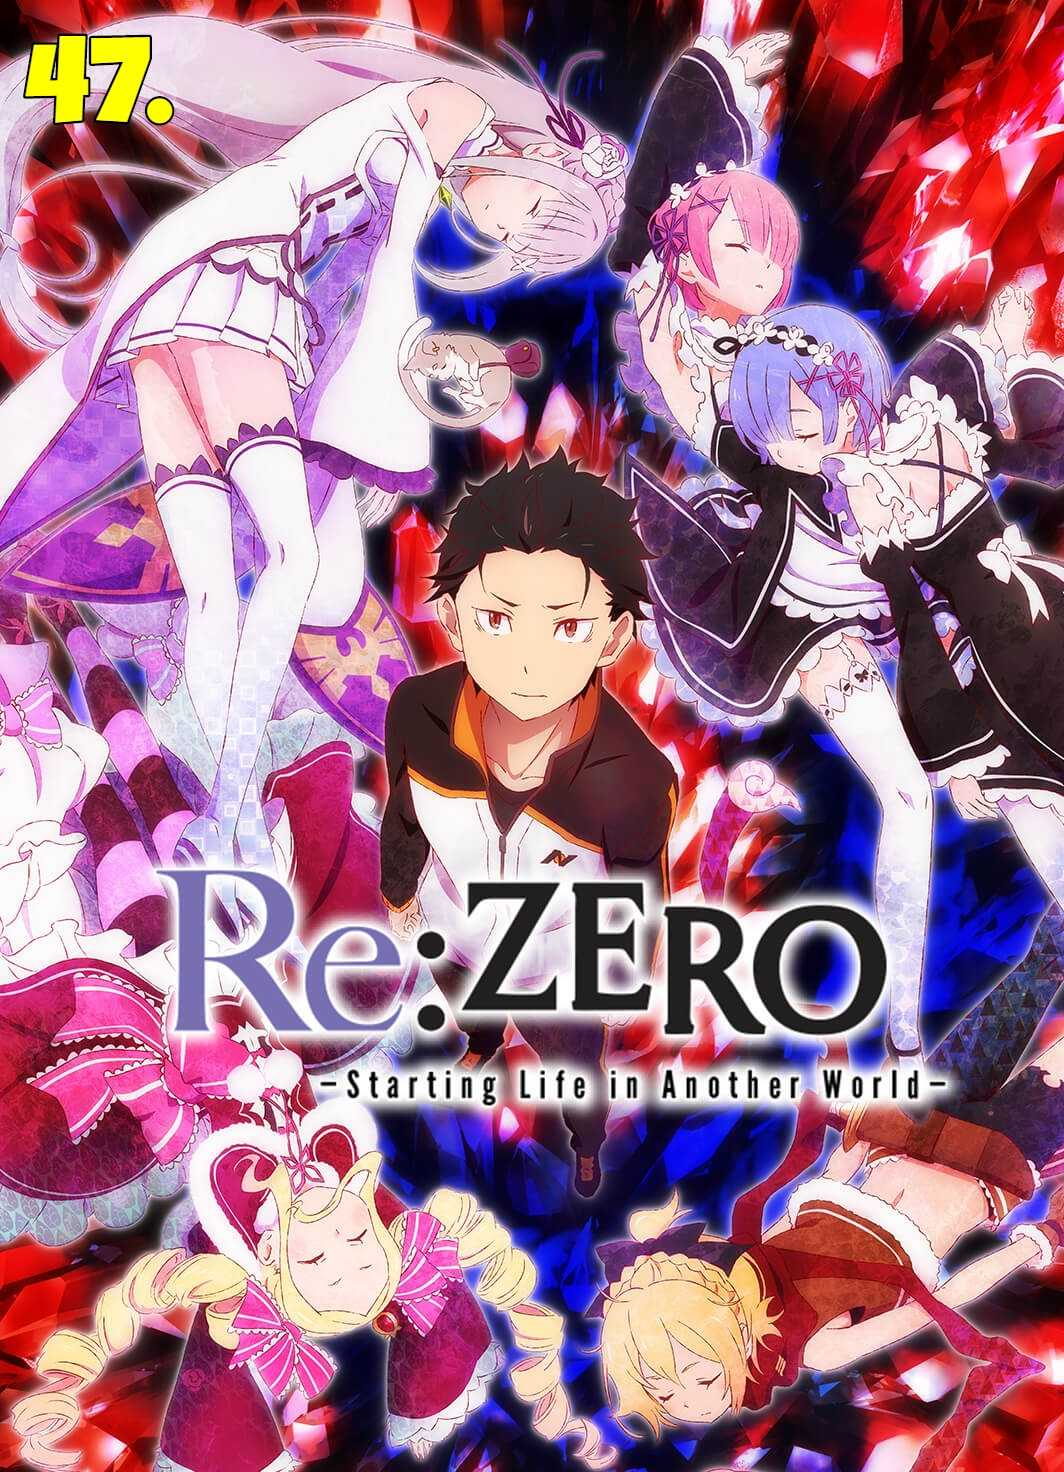 ReZero-Starting-Life-in-Another-World